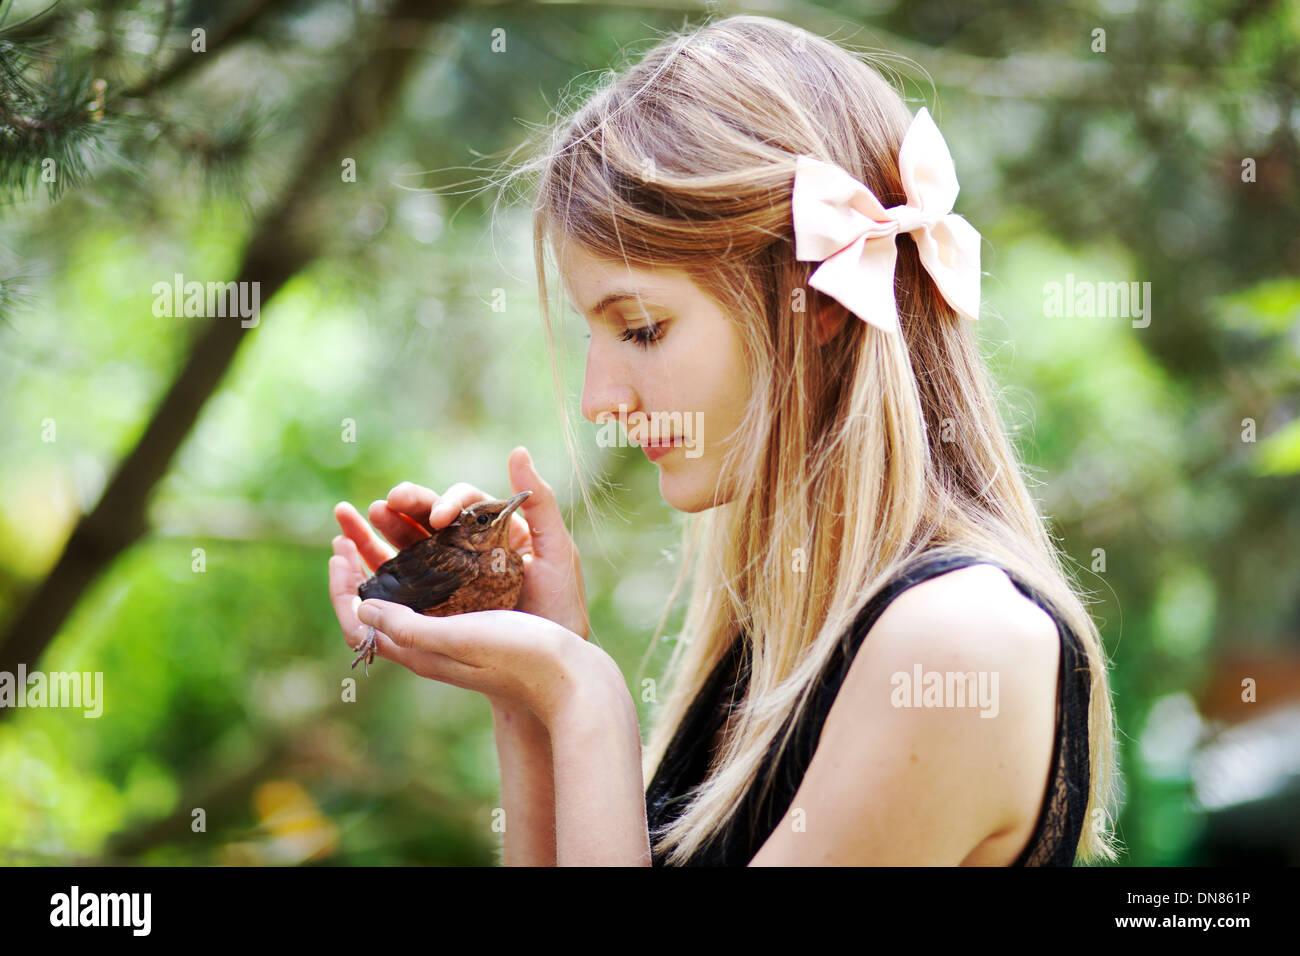 Ragazza giovane con uccello in mano Immagini Stock